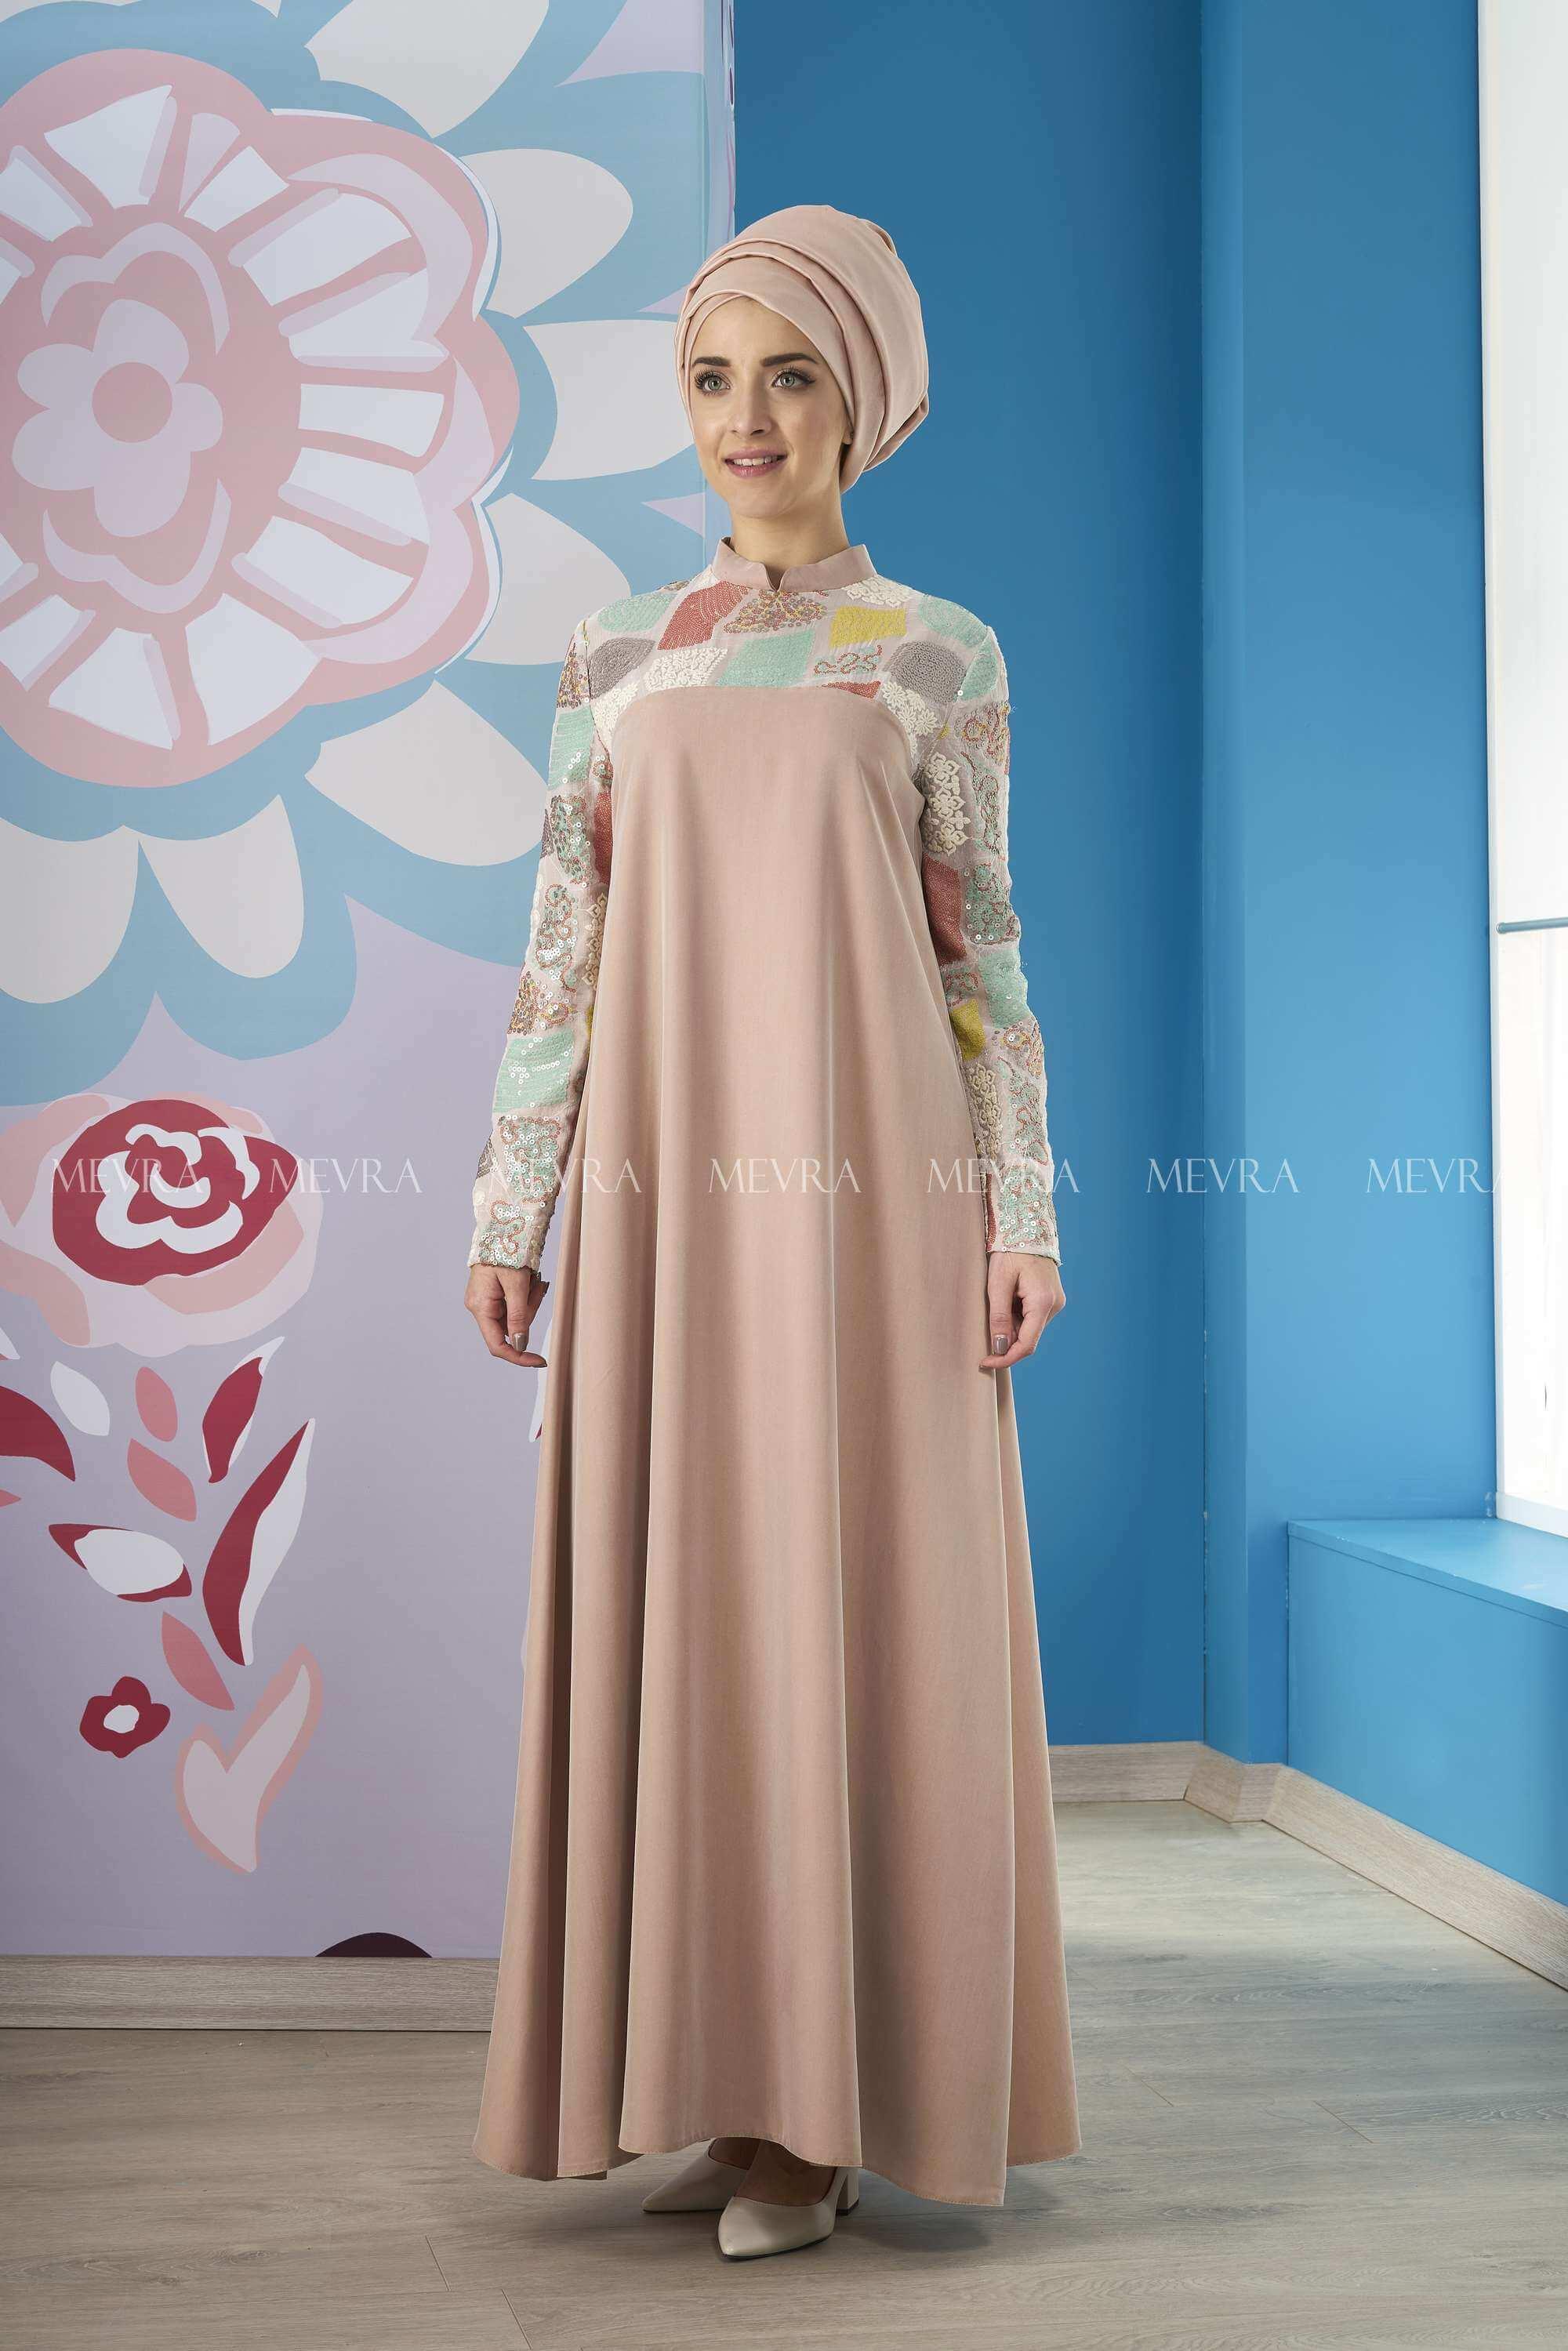 441fad0fb2fd9 Uzun Elbise Fiyatları - Mevra.com.tr